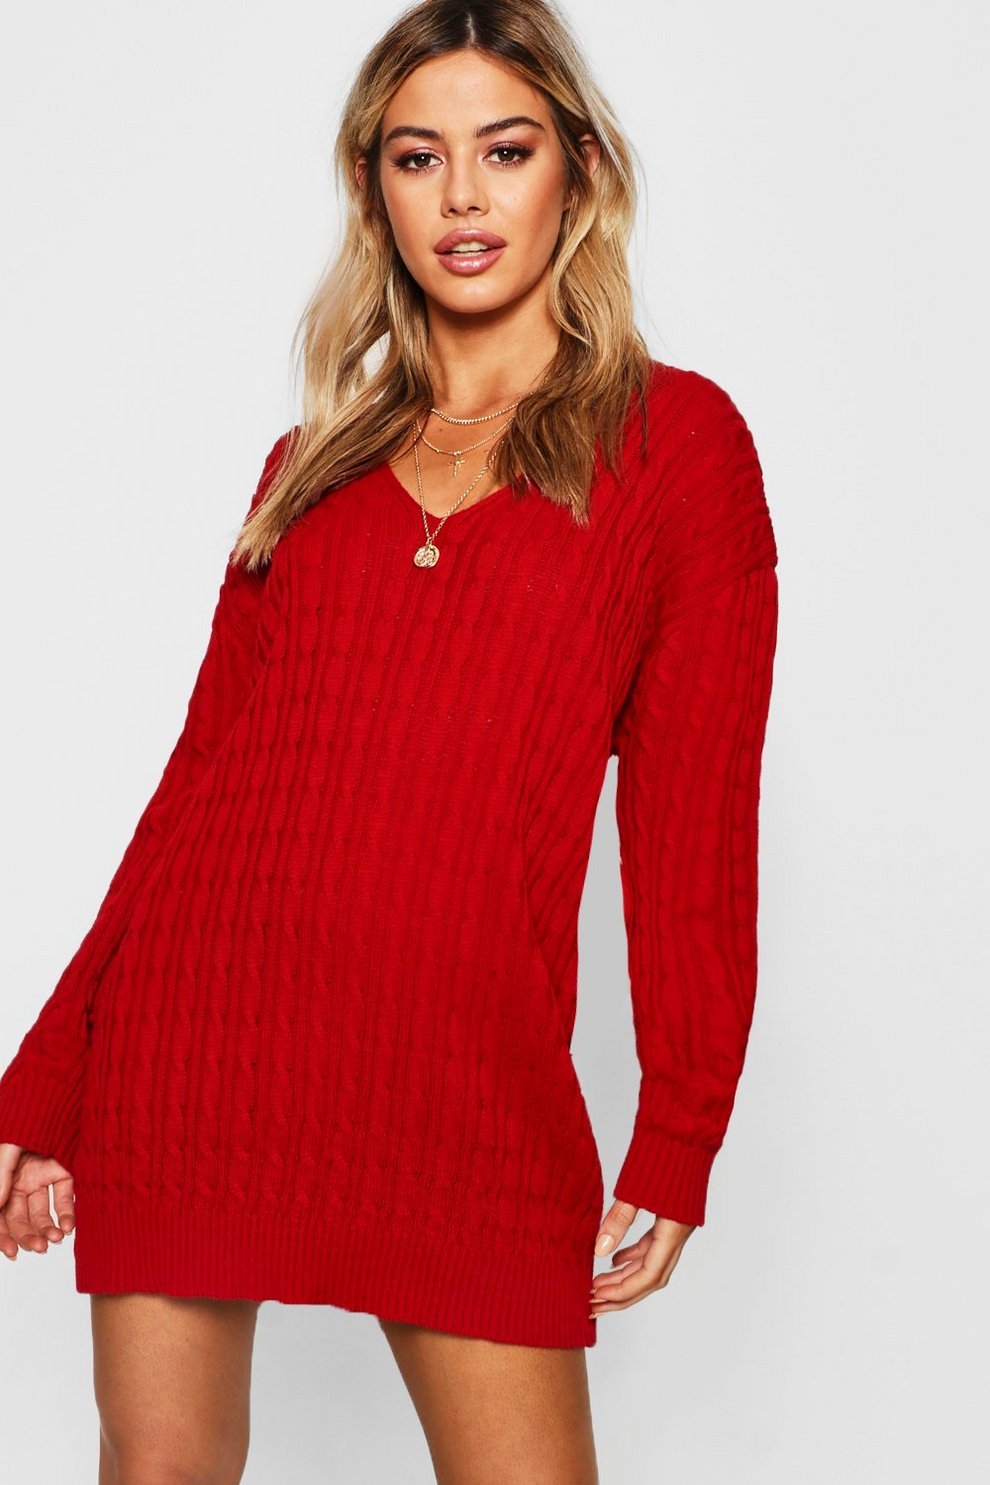 8a263d5d3f3 Petite Cable Knit V Neck Jumper Dress